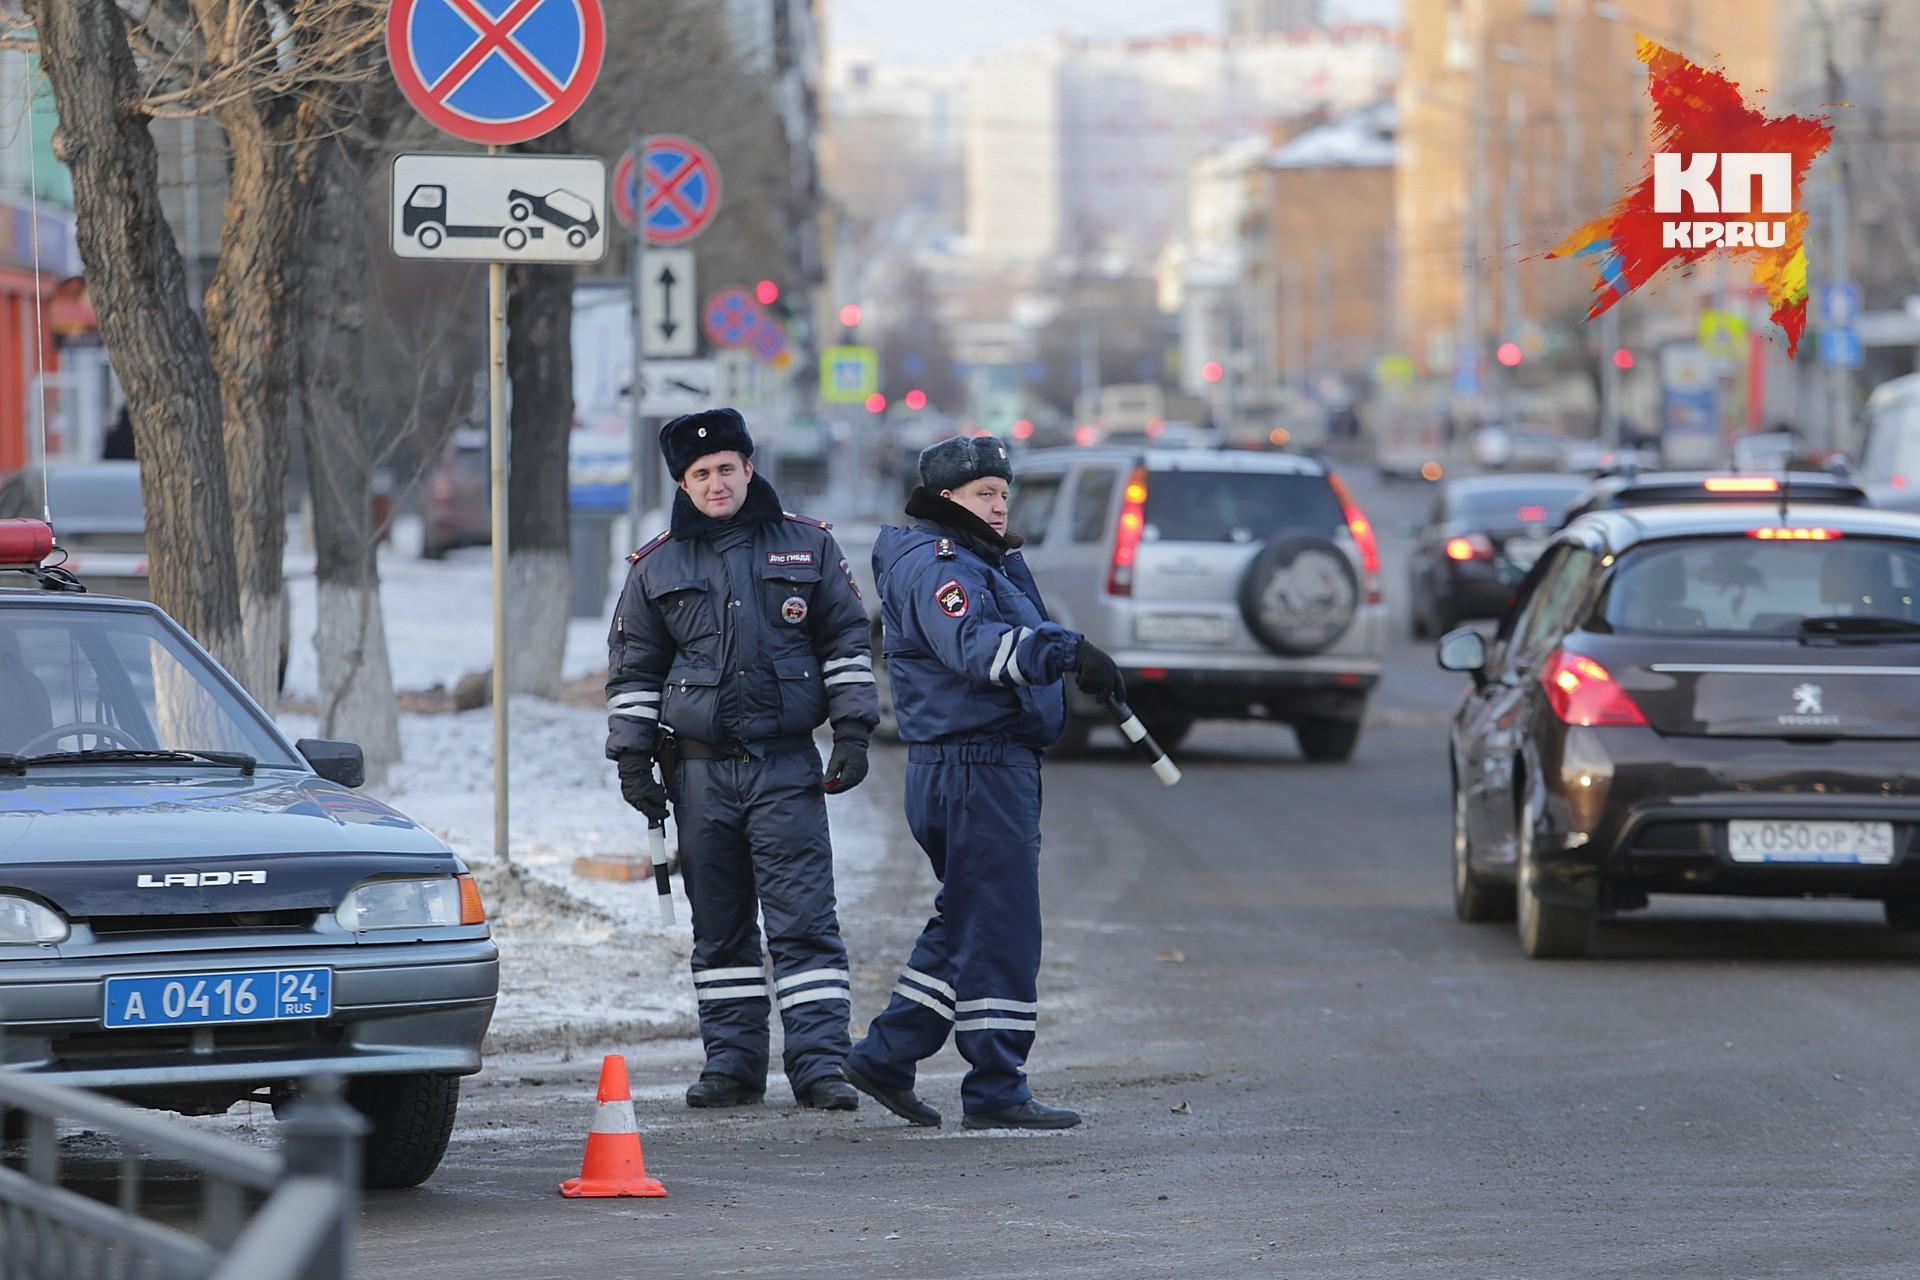 ВКрасноярске автолюбитель на«Мерседесе» сбил подростка и исчез сместа ДТП